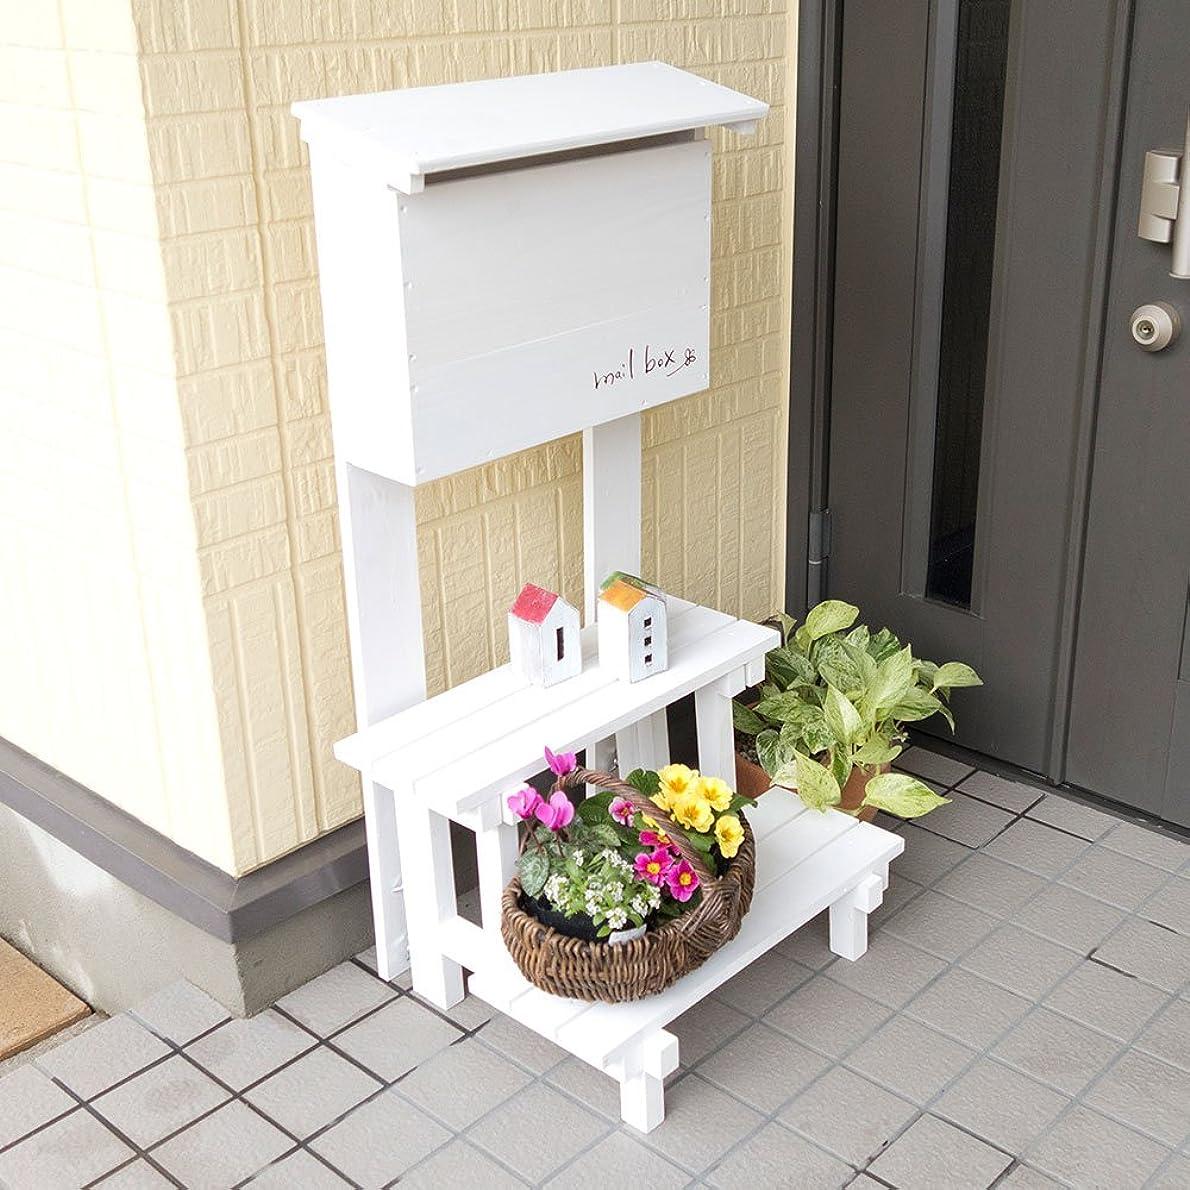 ヒゲクジラ放棄戸棚郵便ポスト 郵便受け メールボックス【フラワースタンド付】 (ホワイト)